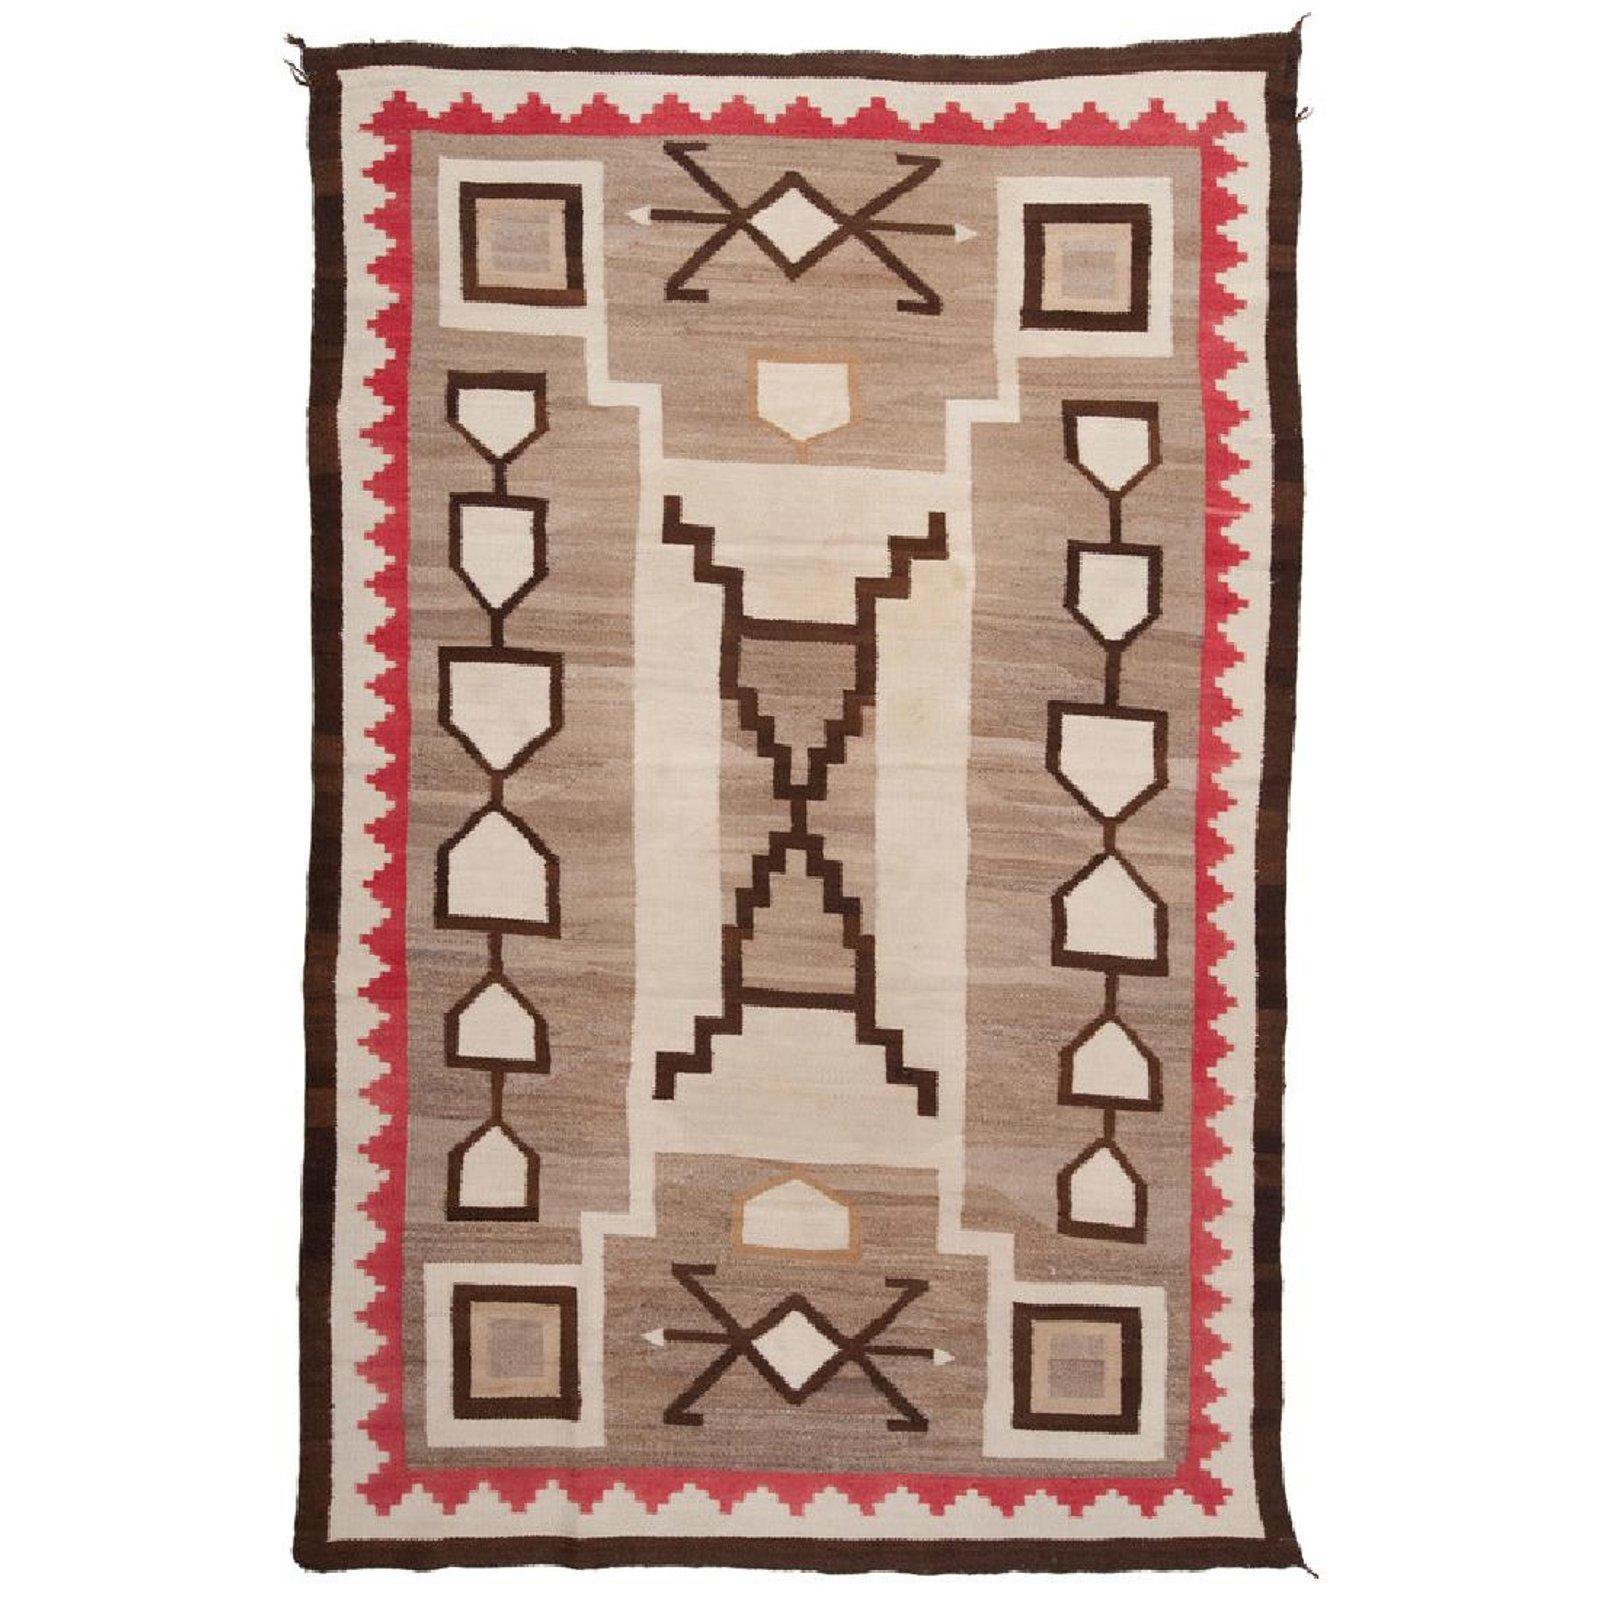 Navajo Storm pattern weaving/rug